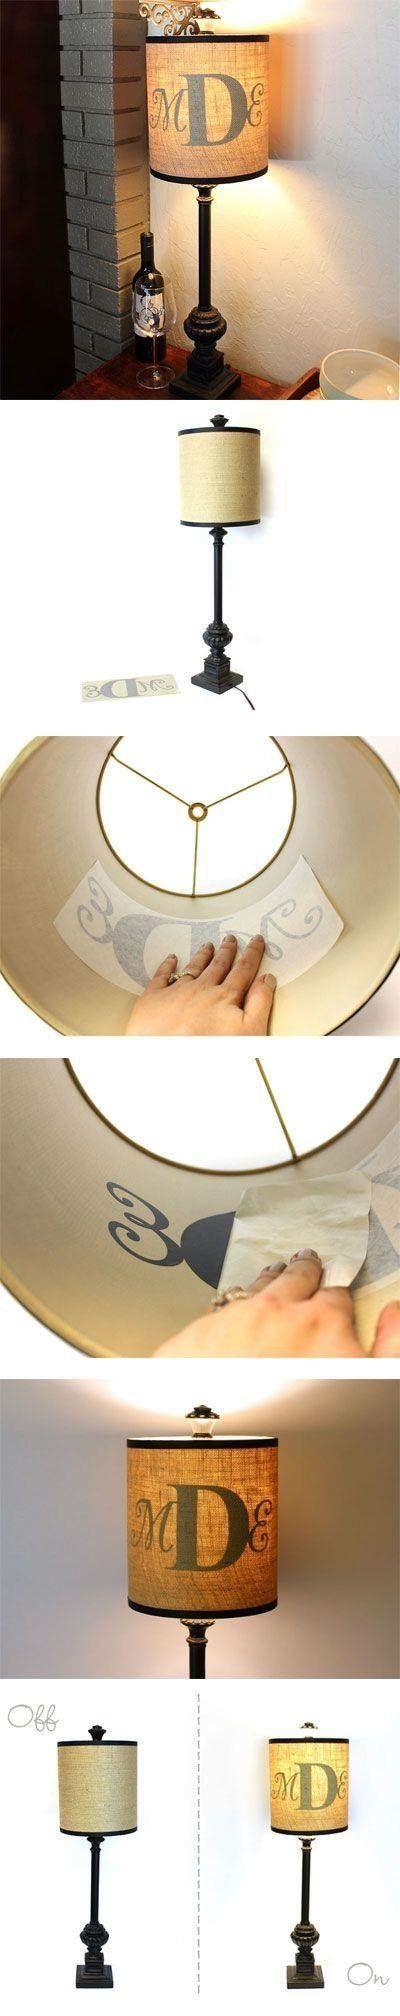 Silhouette lampshade diy